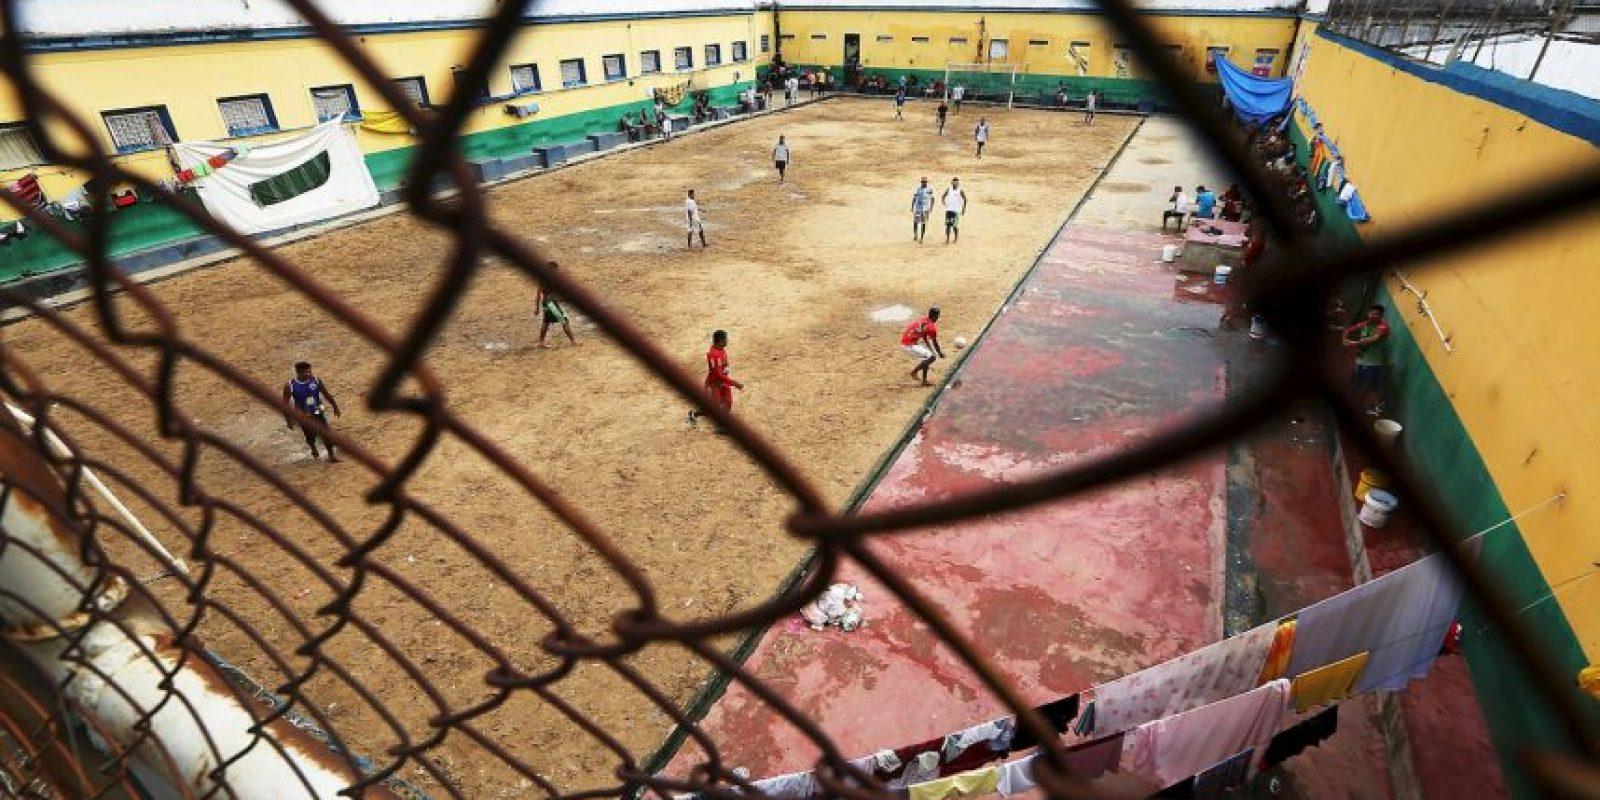 El ratón gris traficaba dentro del penal la Barra da Grota al norte de Brasil. Foto:Getty Images